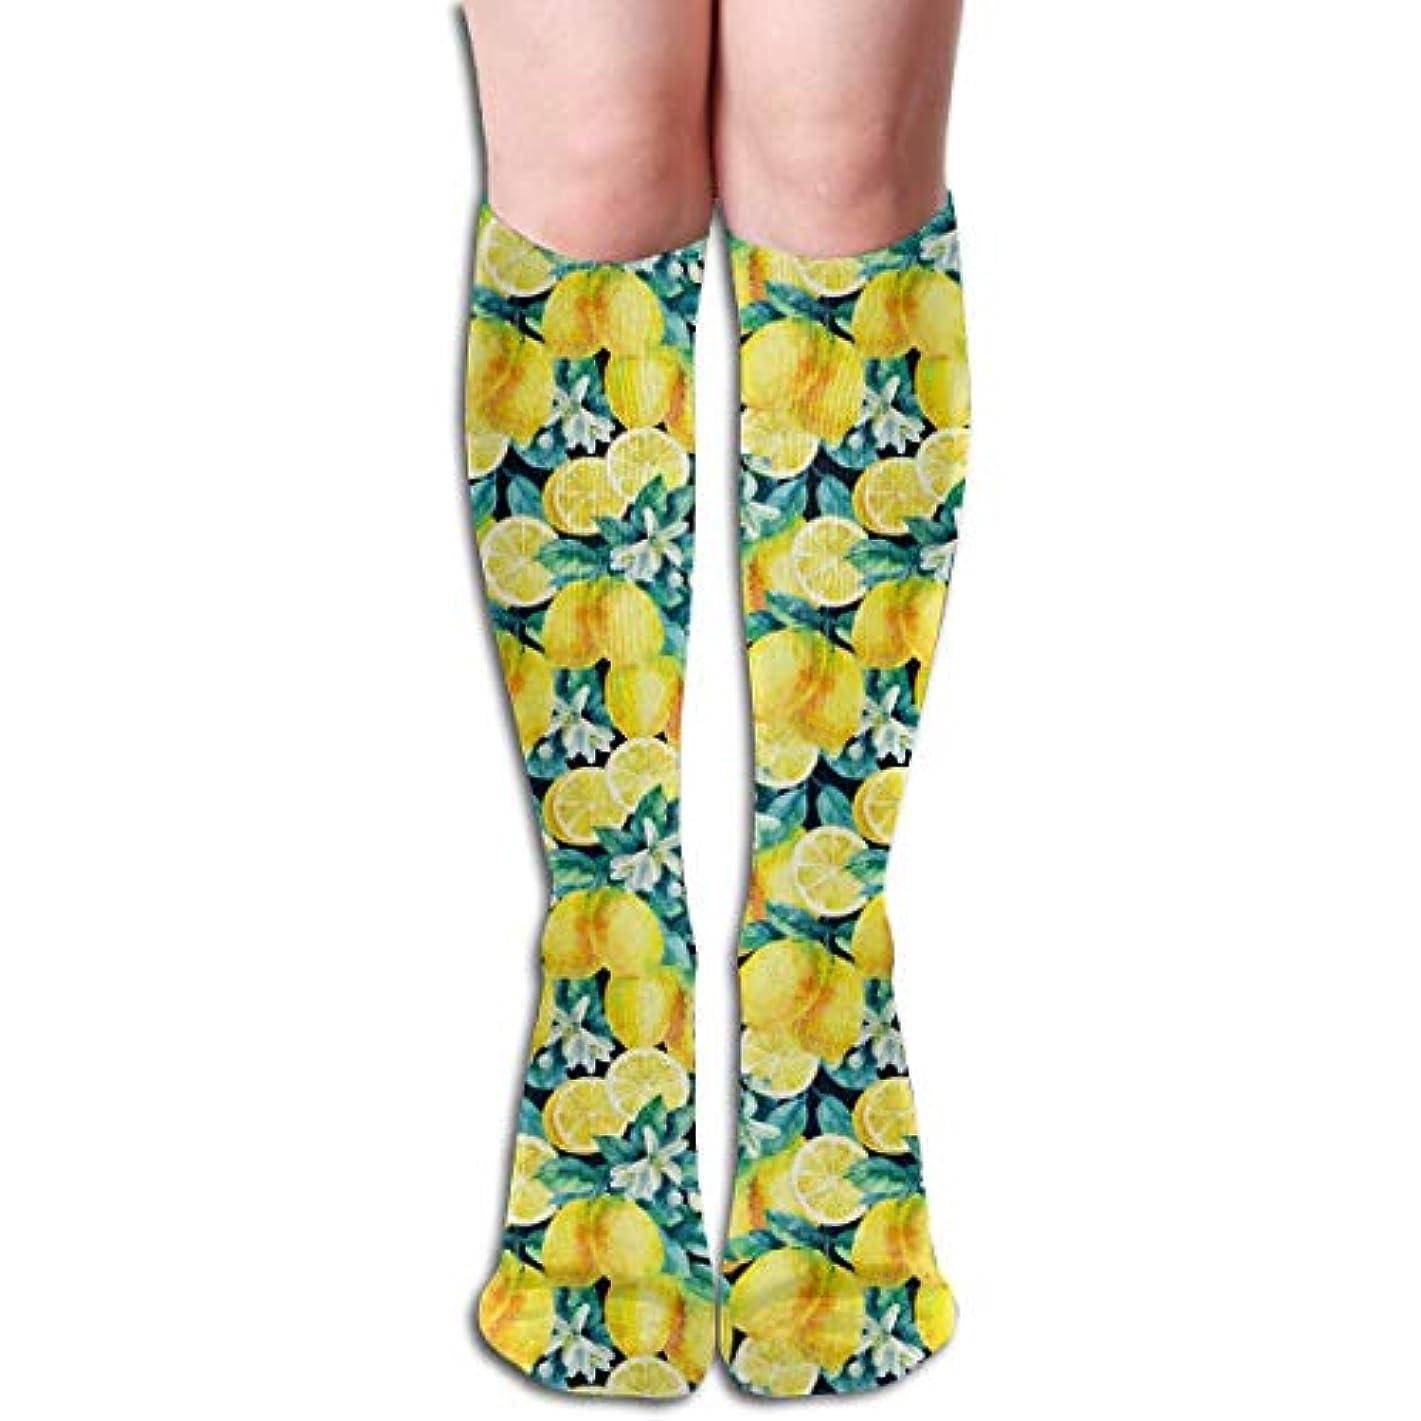 構造的警告する光QRRIYアスレチックソックス水彩レモン果物3 D圧縮ソックス男性のための長い靴下